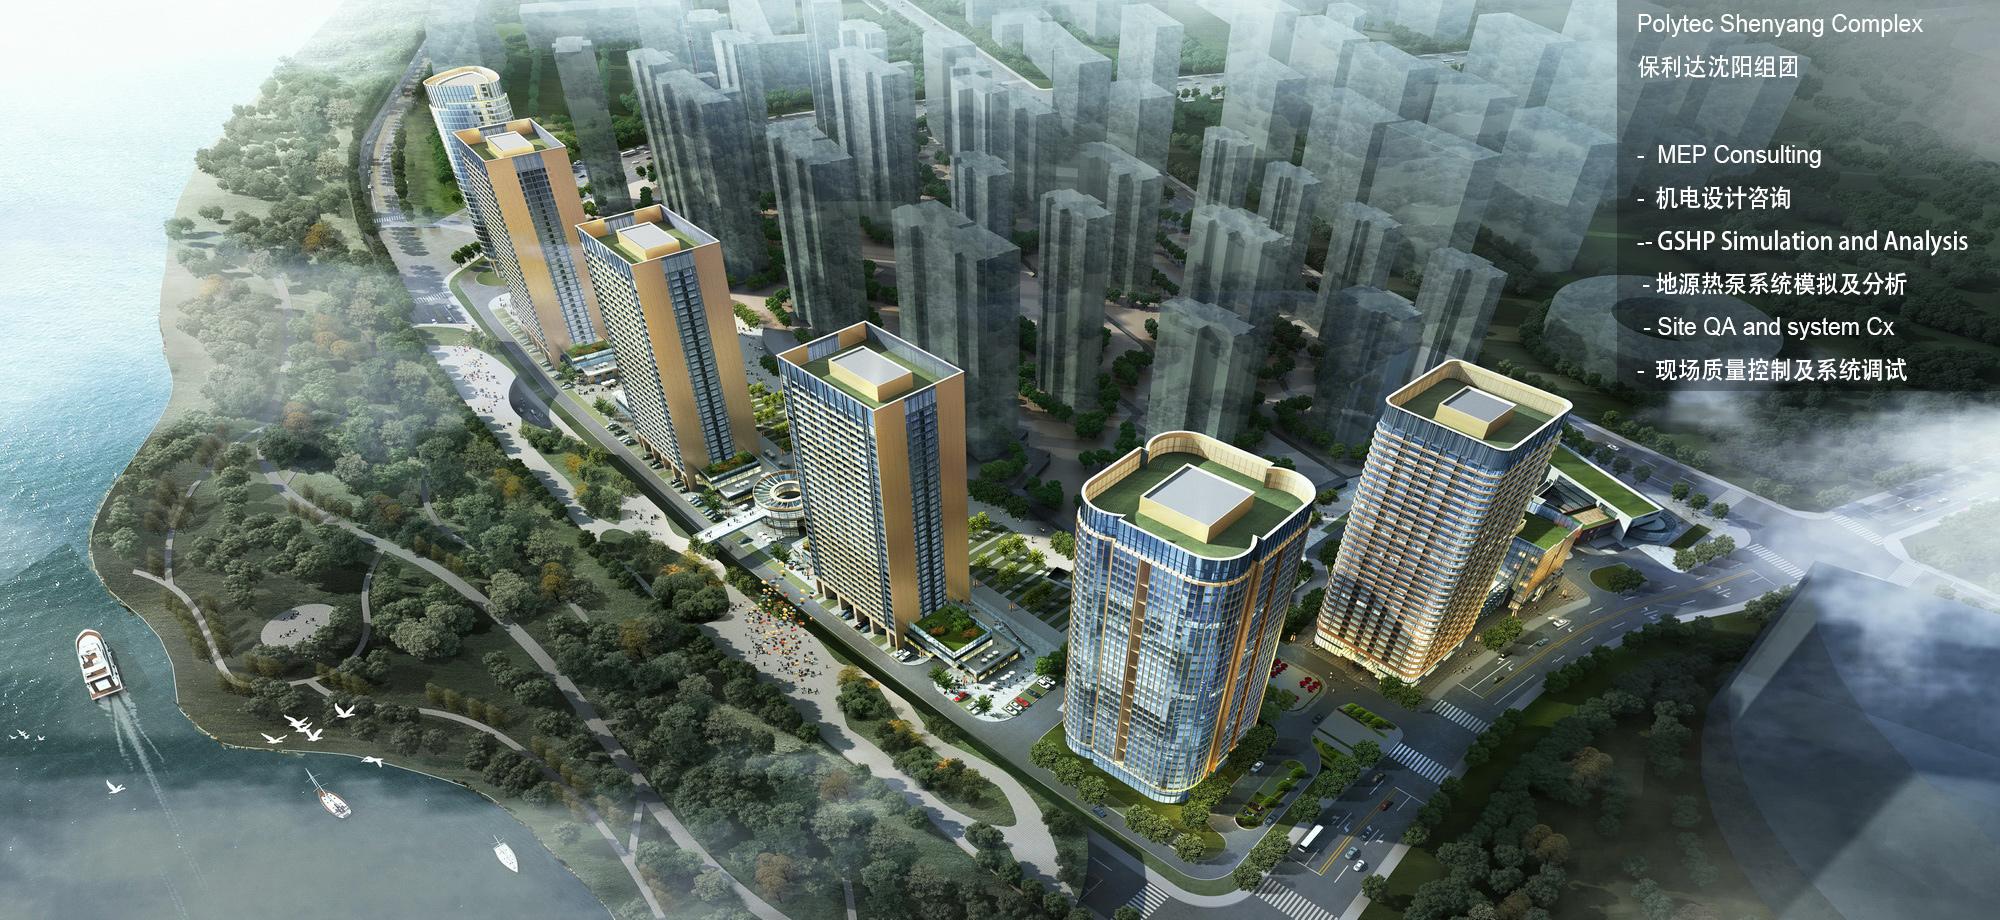 energydesign Shanghai